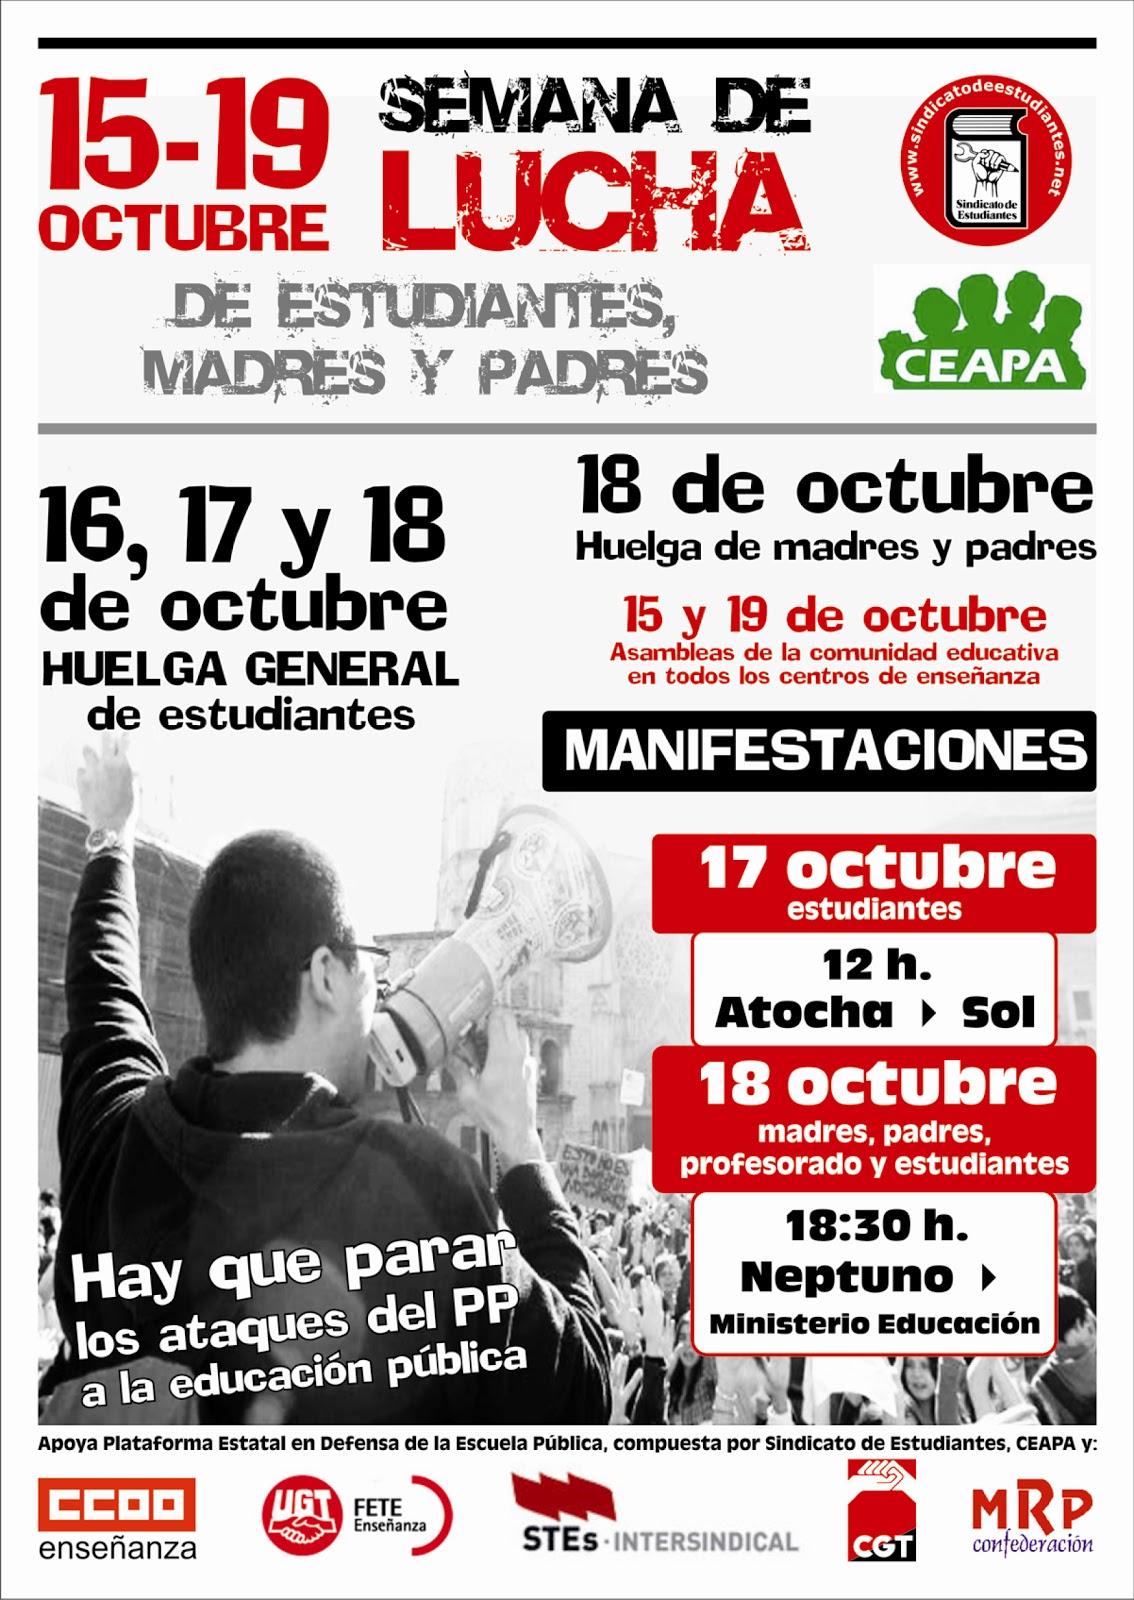 http://1.bp.blogspot.com/-VsfTmQk7o60/UHi5HujKugI/AAAAAAAAD0Q/-QqEzdSY8uo/s1600/cartel_SE-CEAPA_semana_lucha.jpg